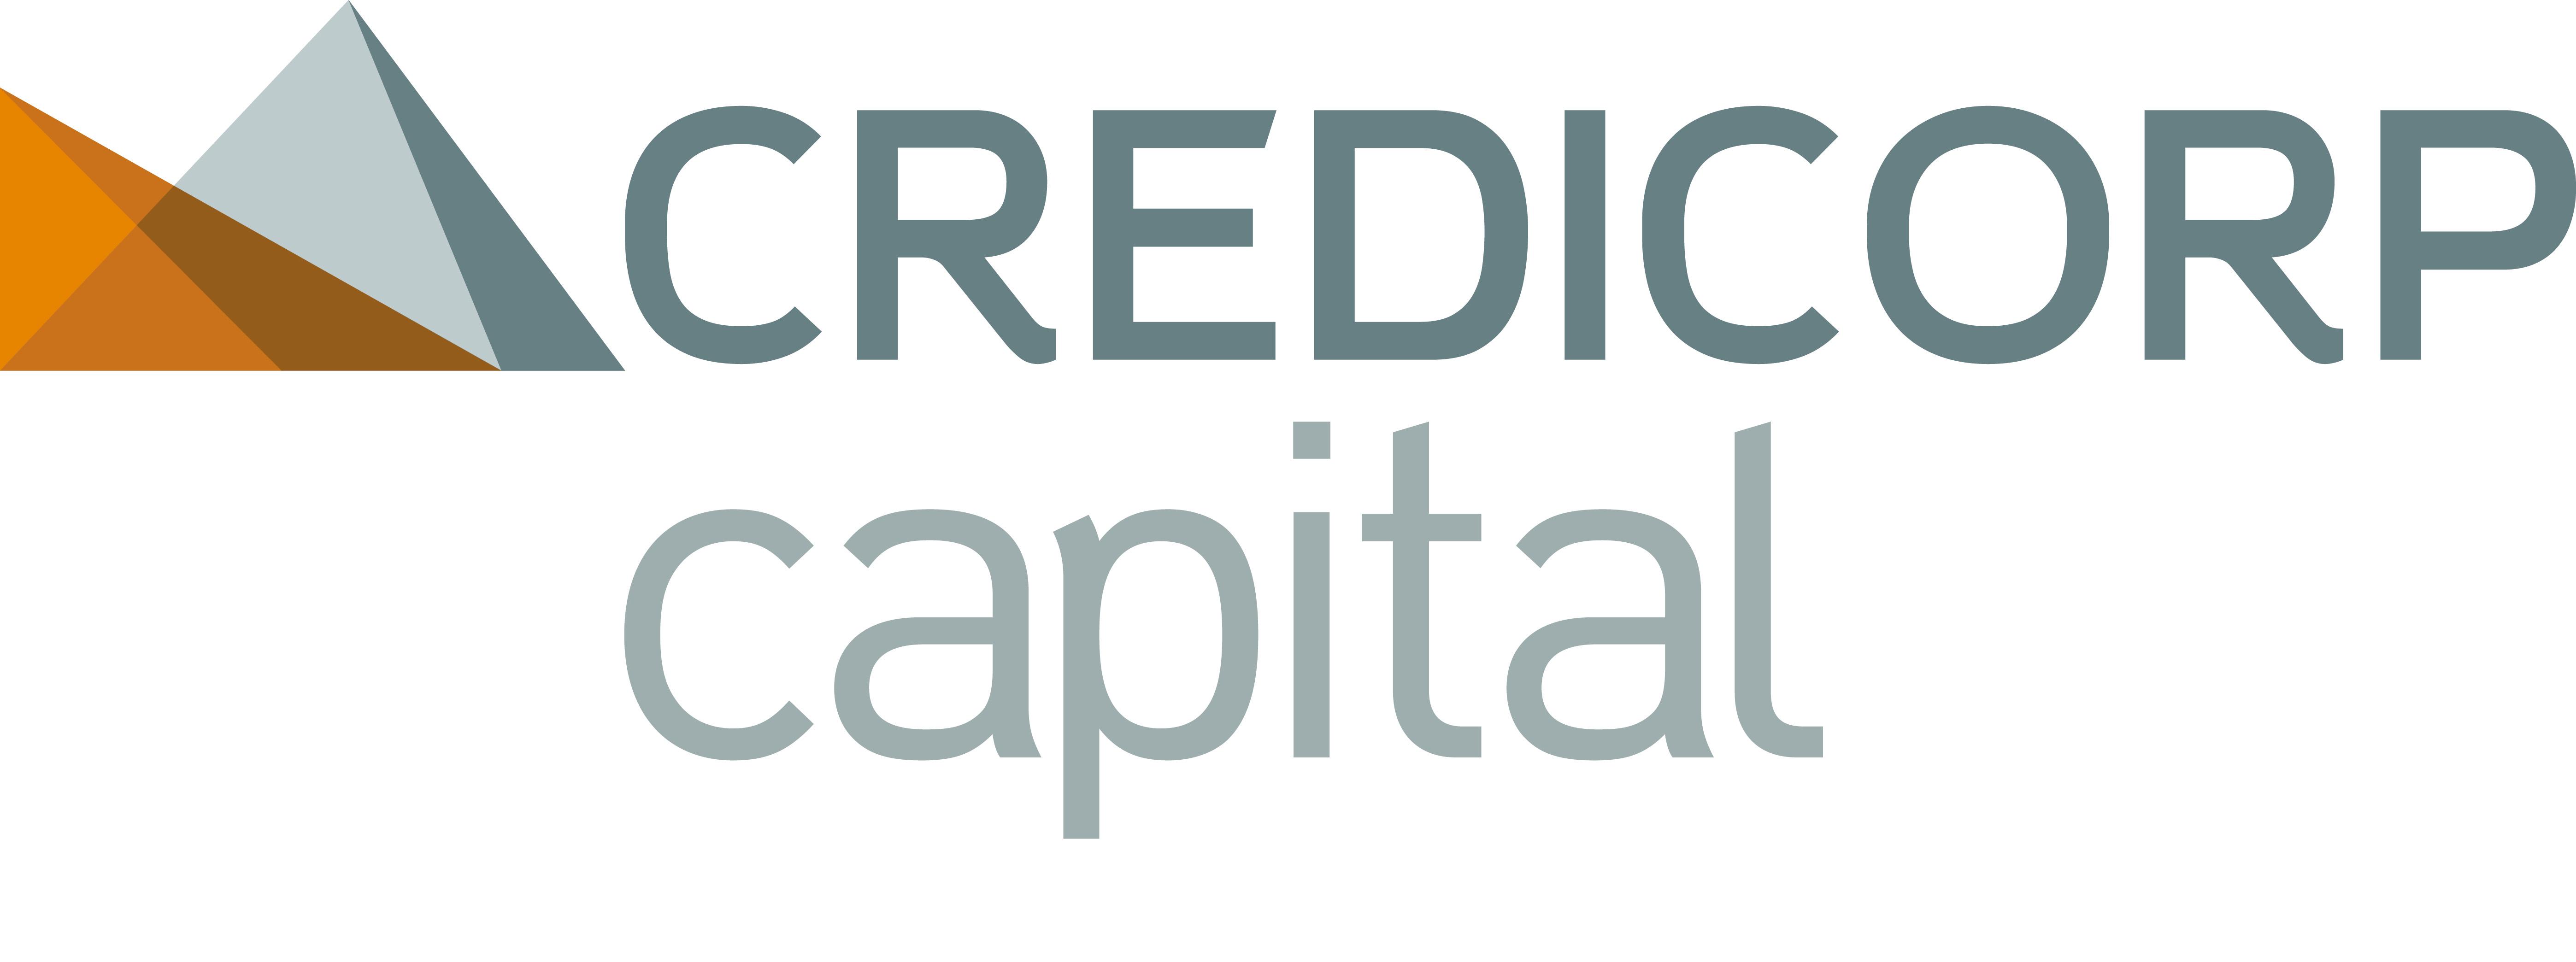 Credicorp Capital: comisiones, mercados y e-Trading